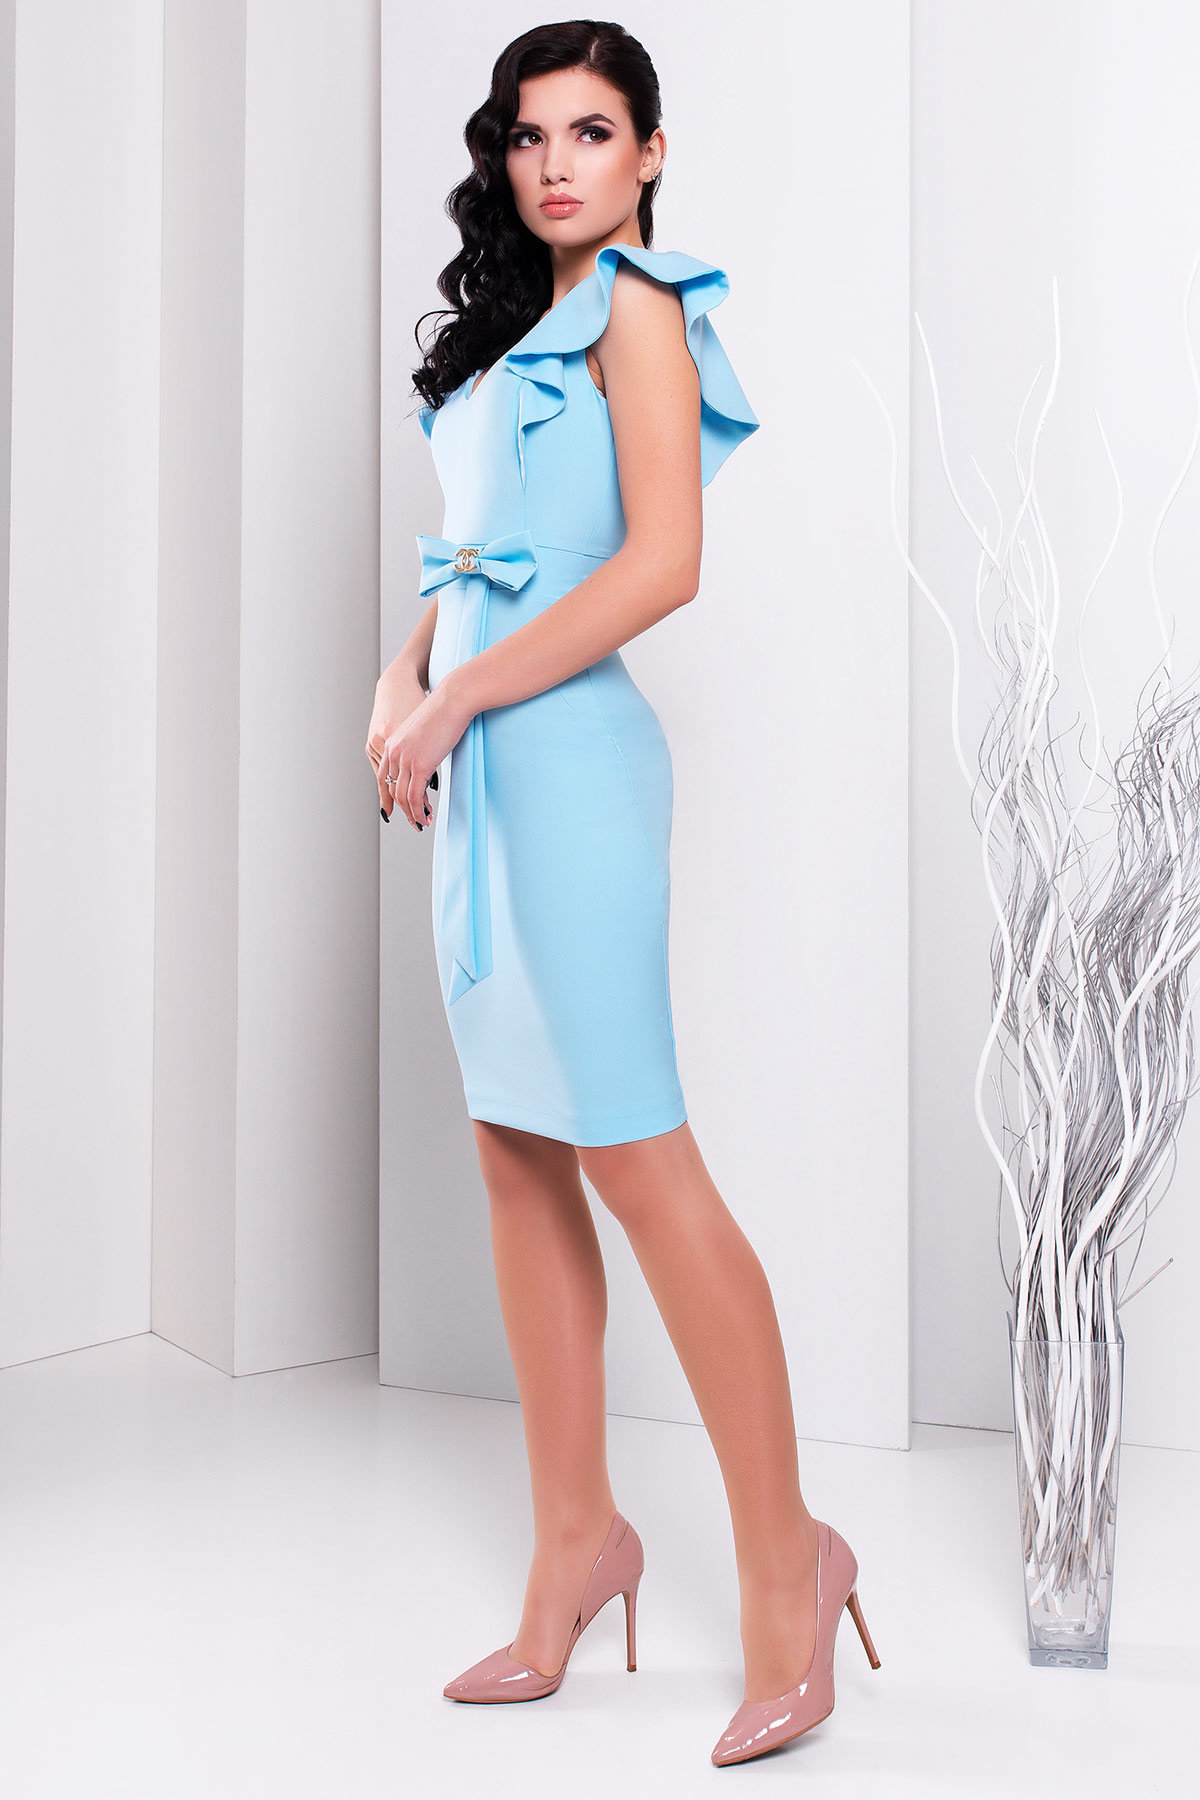 Платье Жаде 131 АРТ. 14955 Цвет: Голубой - фото 2, интернет магазин tm-modus.ru